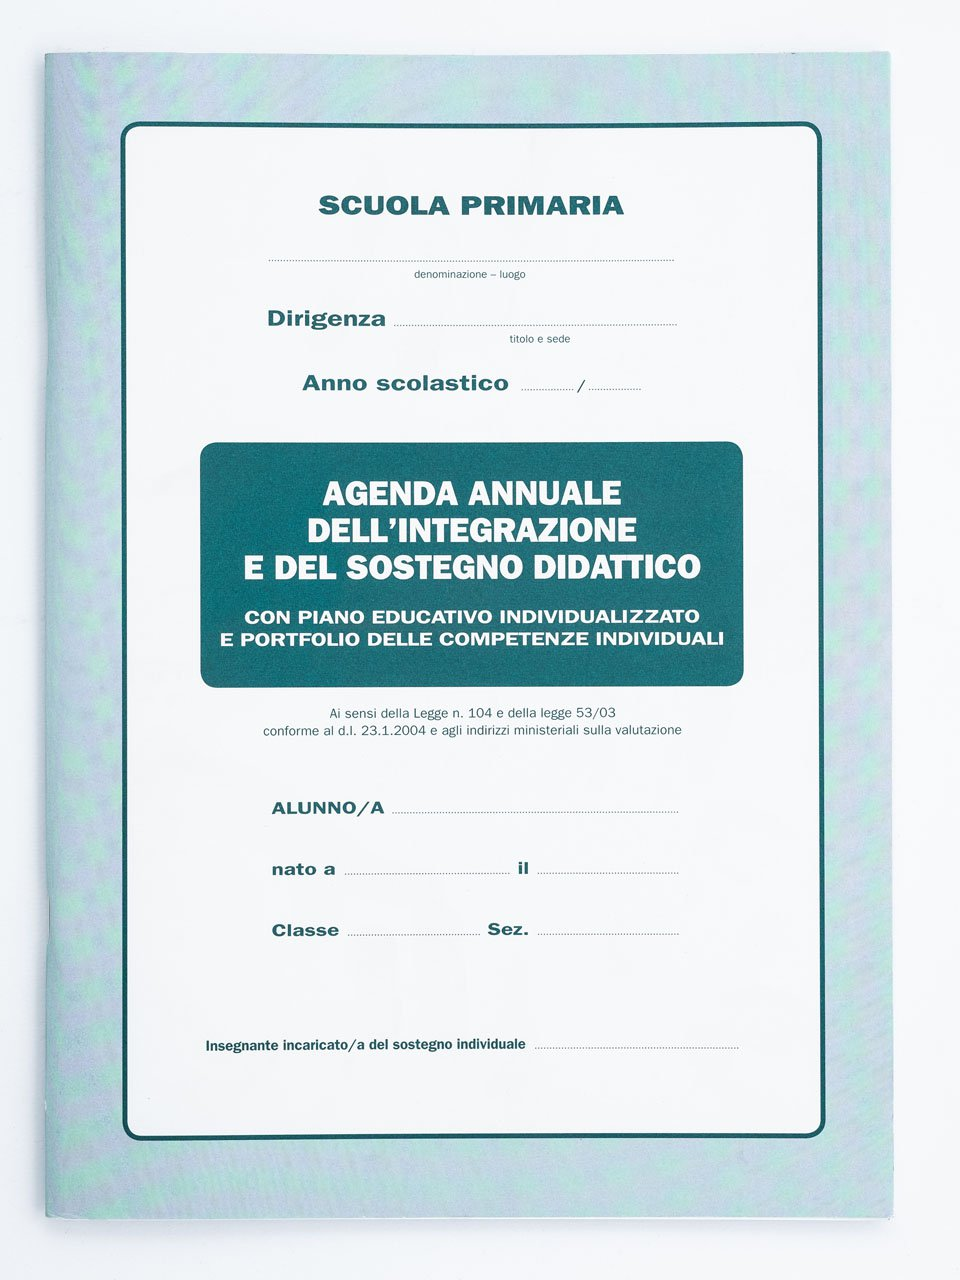 Agenda annuale dell'integrazione e del sostegno di - Strumenti - Erickson